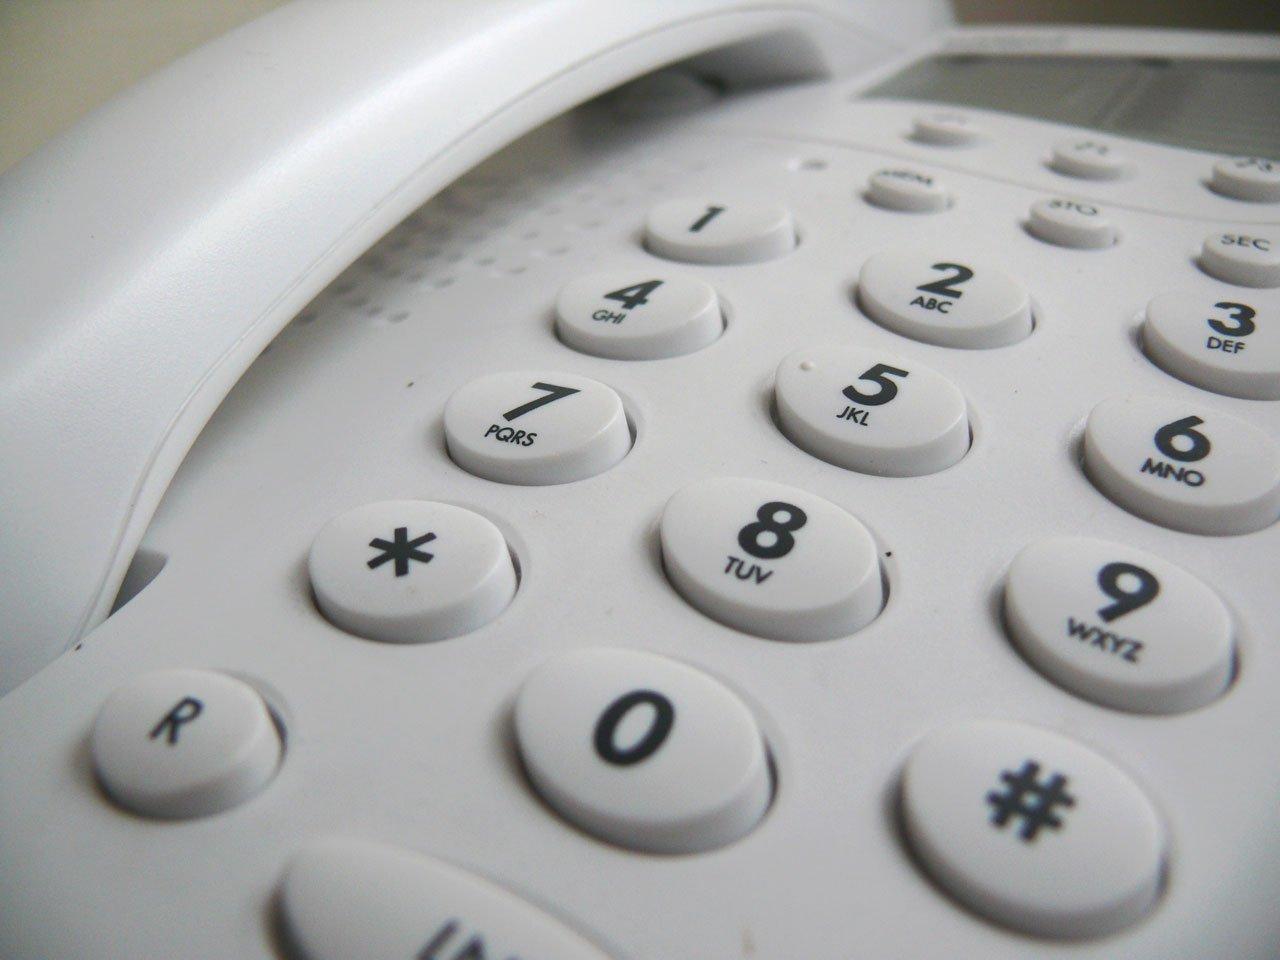 Un numéro de téléphone fixe unique, quel que soit son lieu de résidence